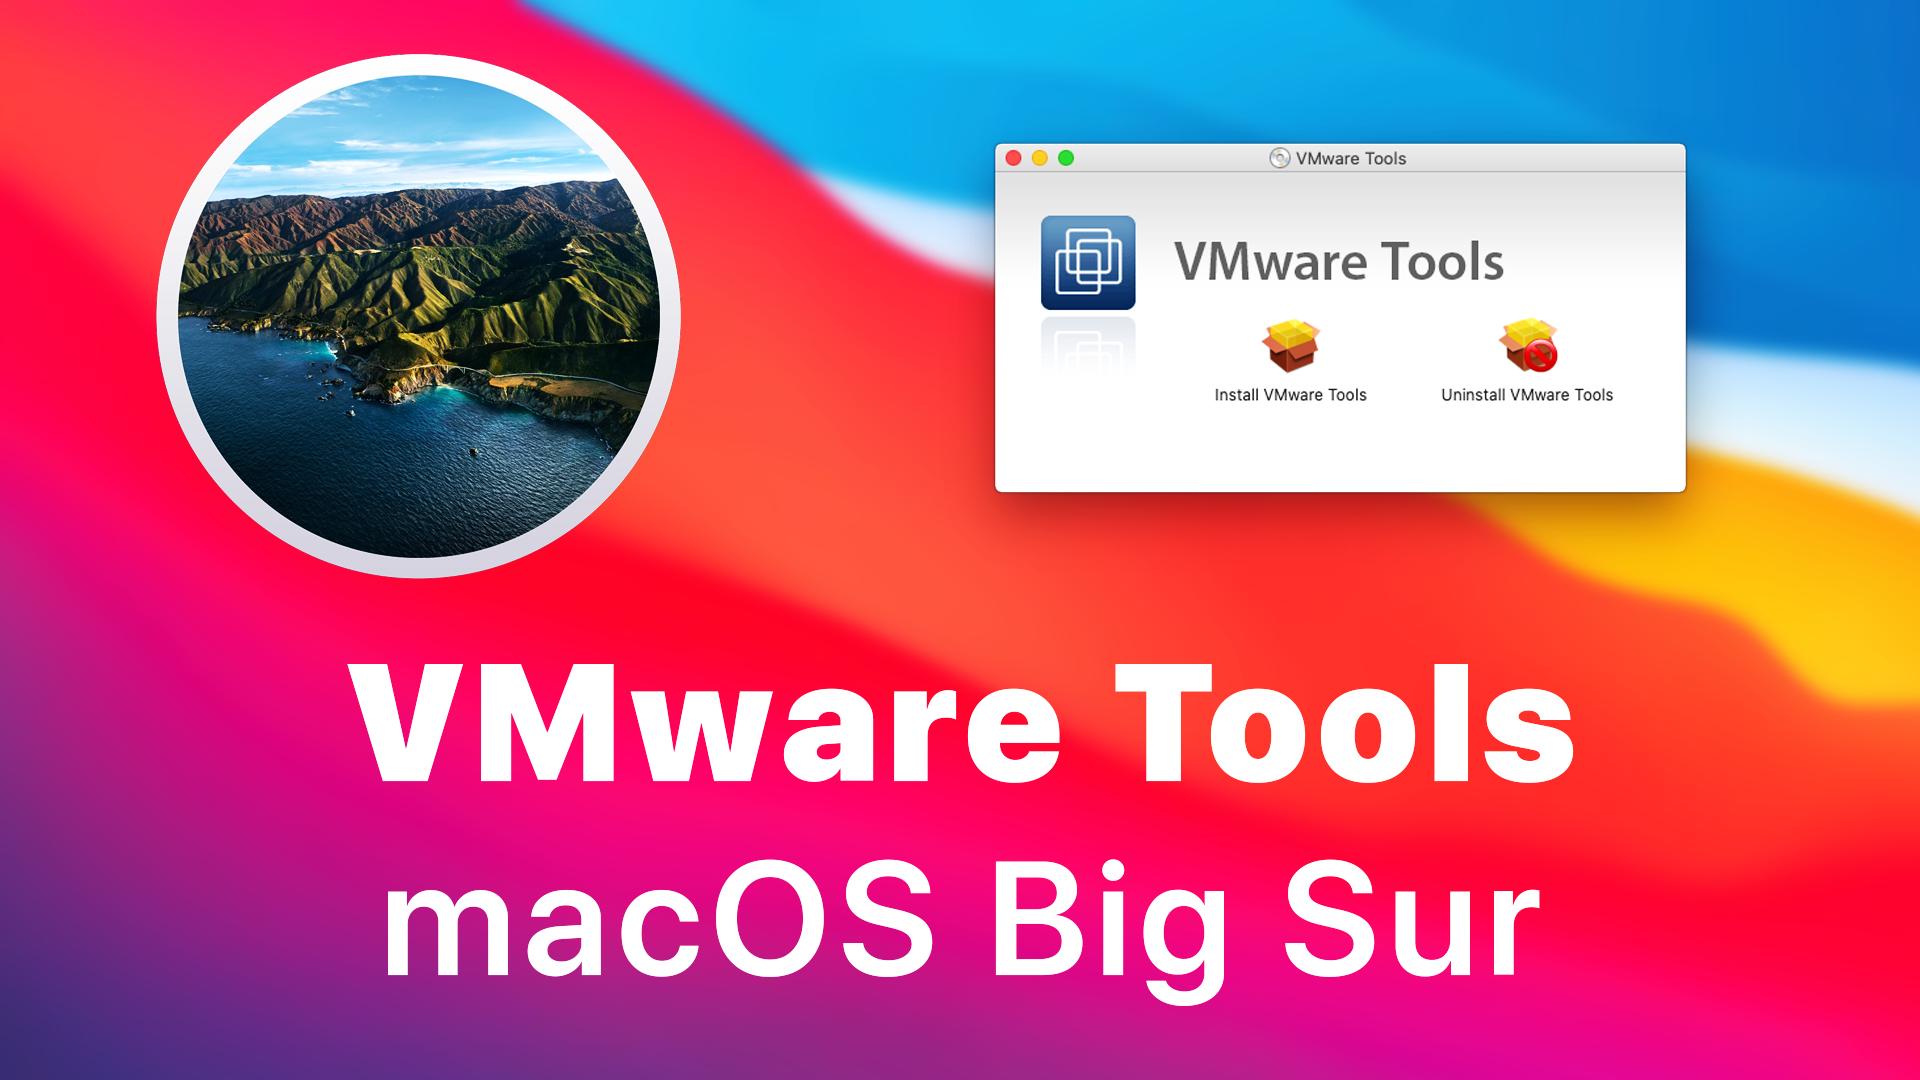 Vmware macos big sur m1